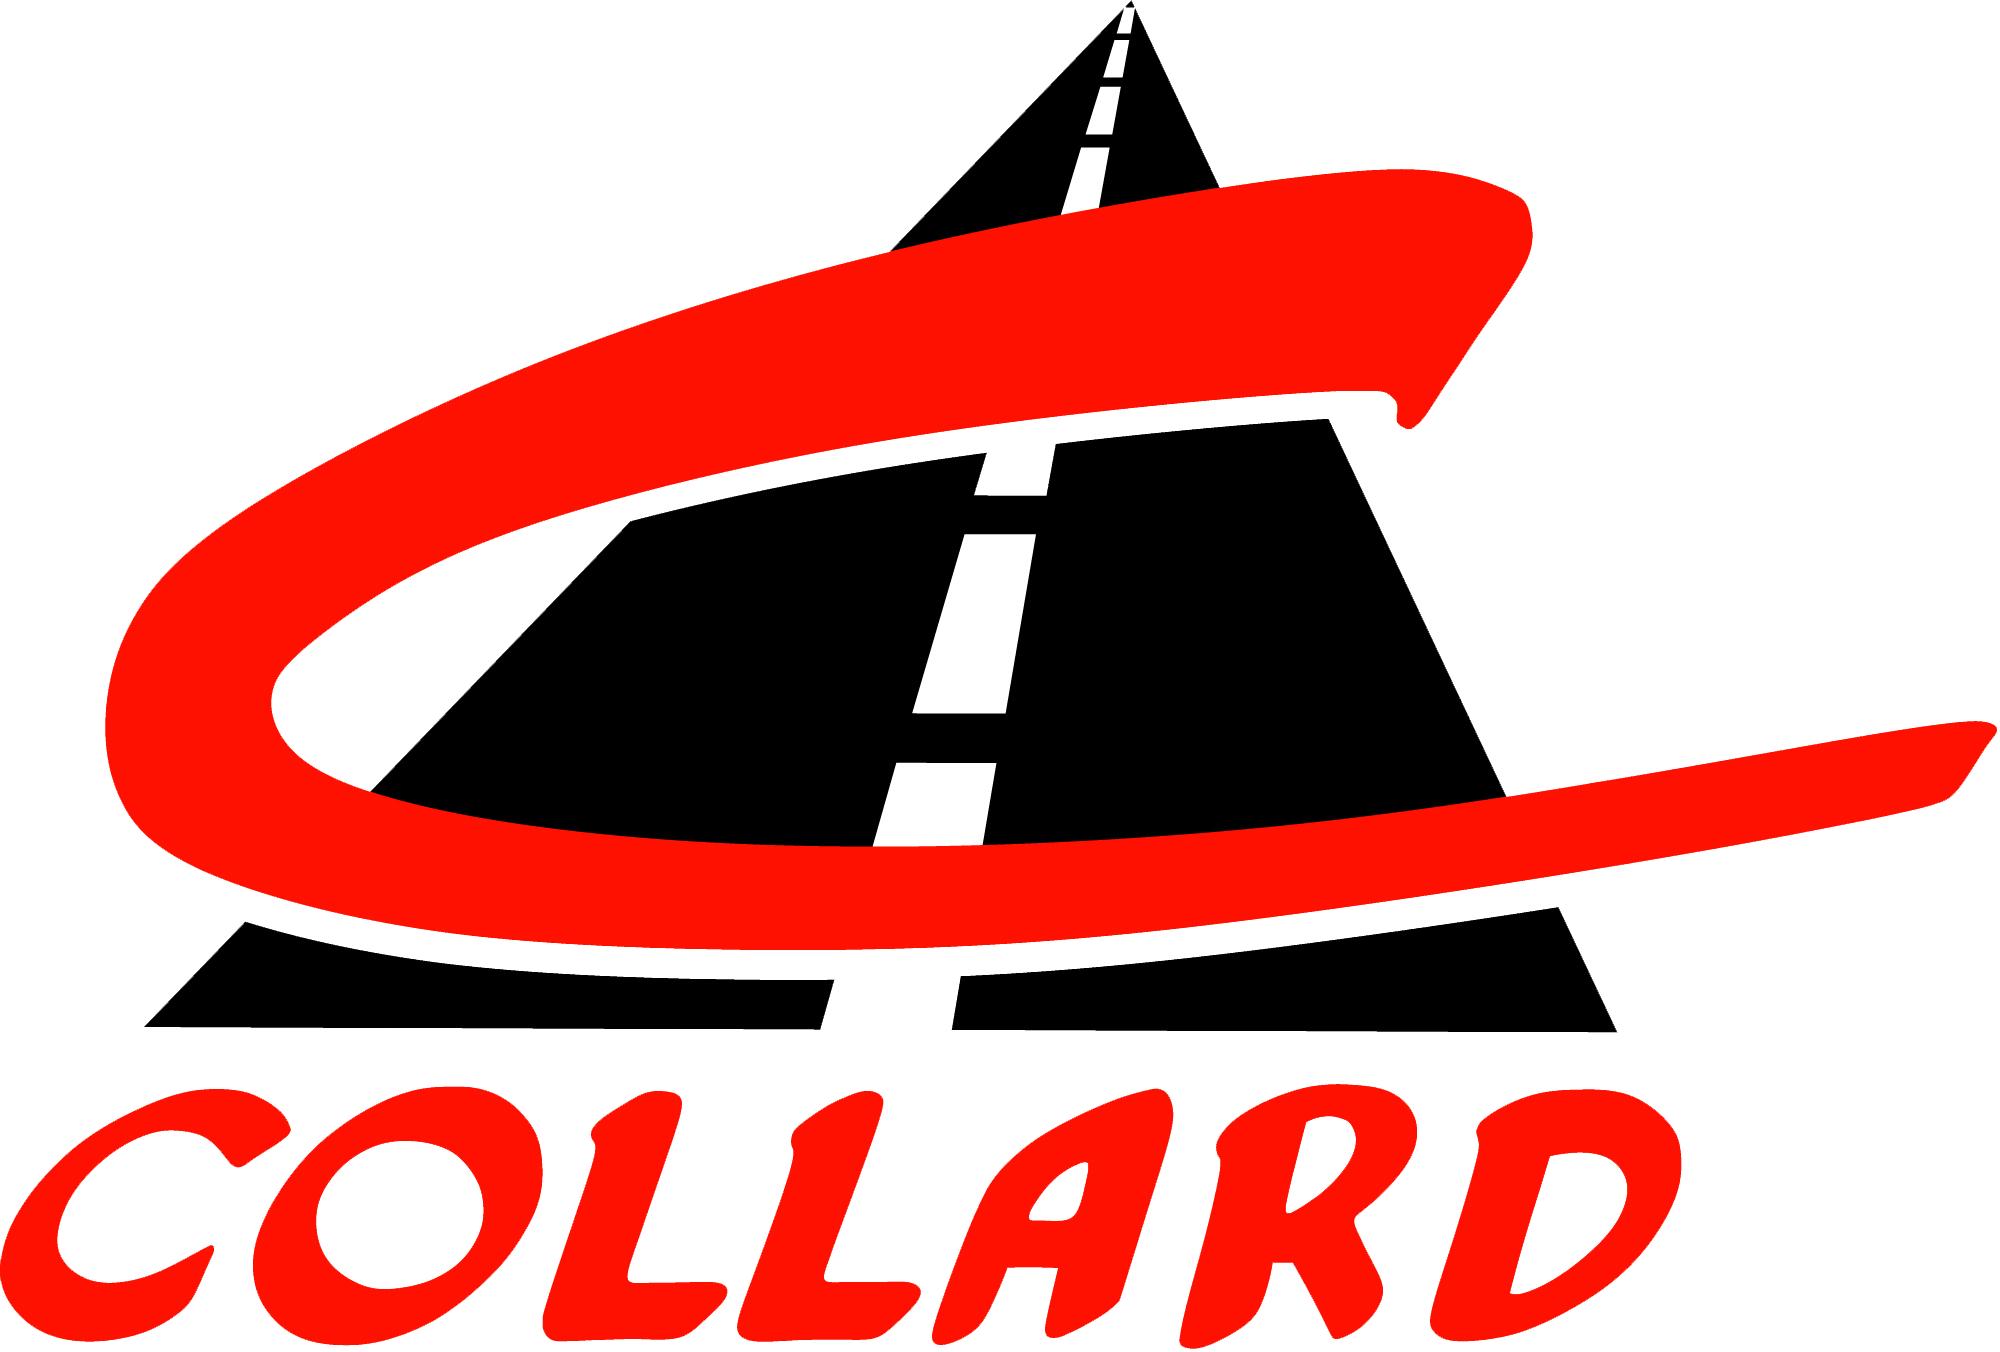 collard_minilogo_cycles détouré.png